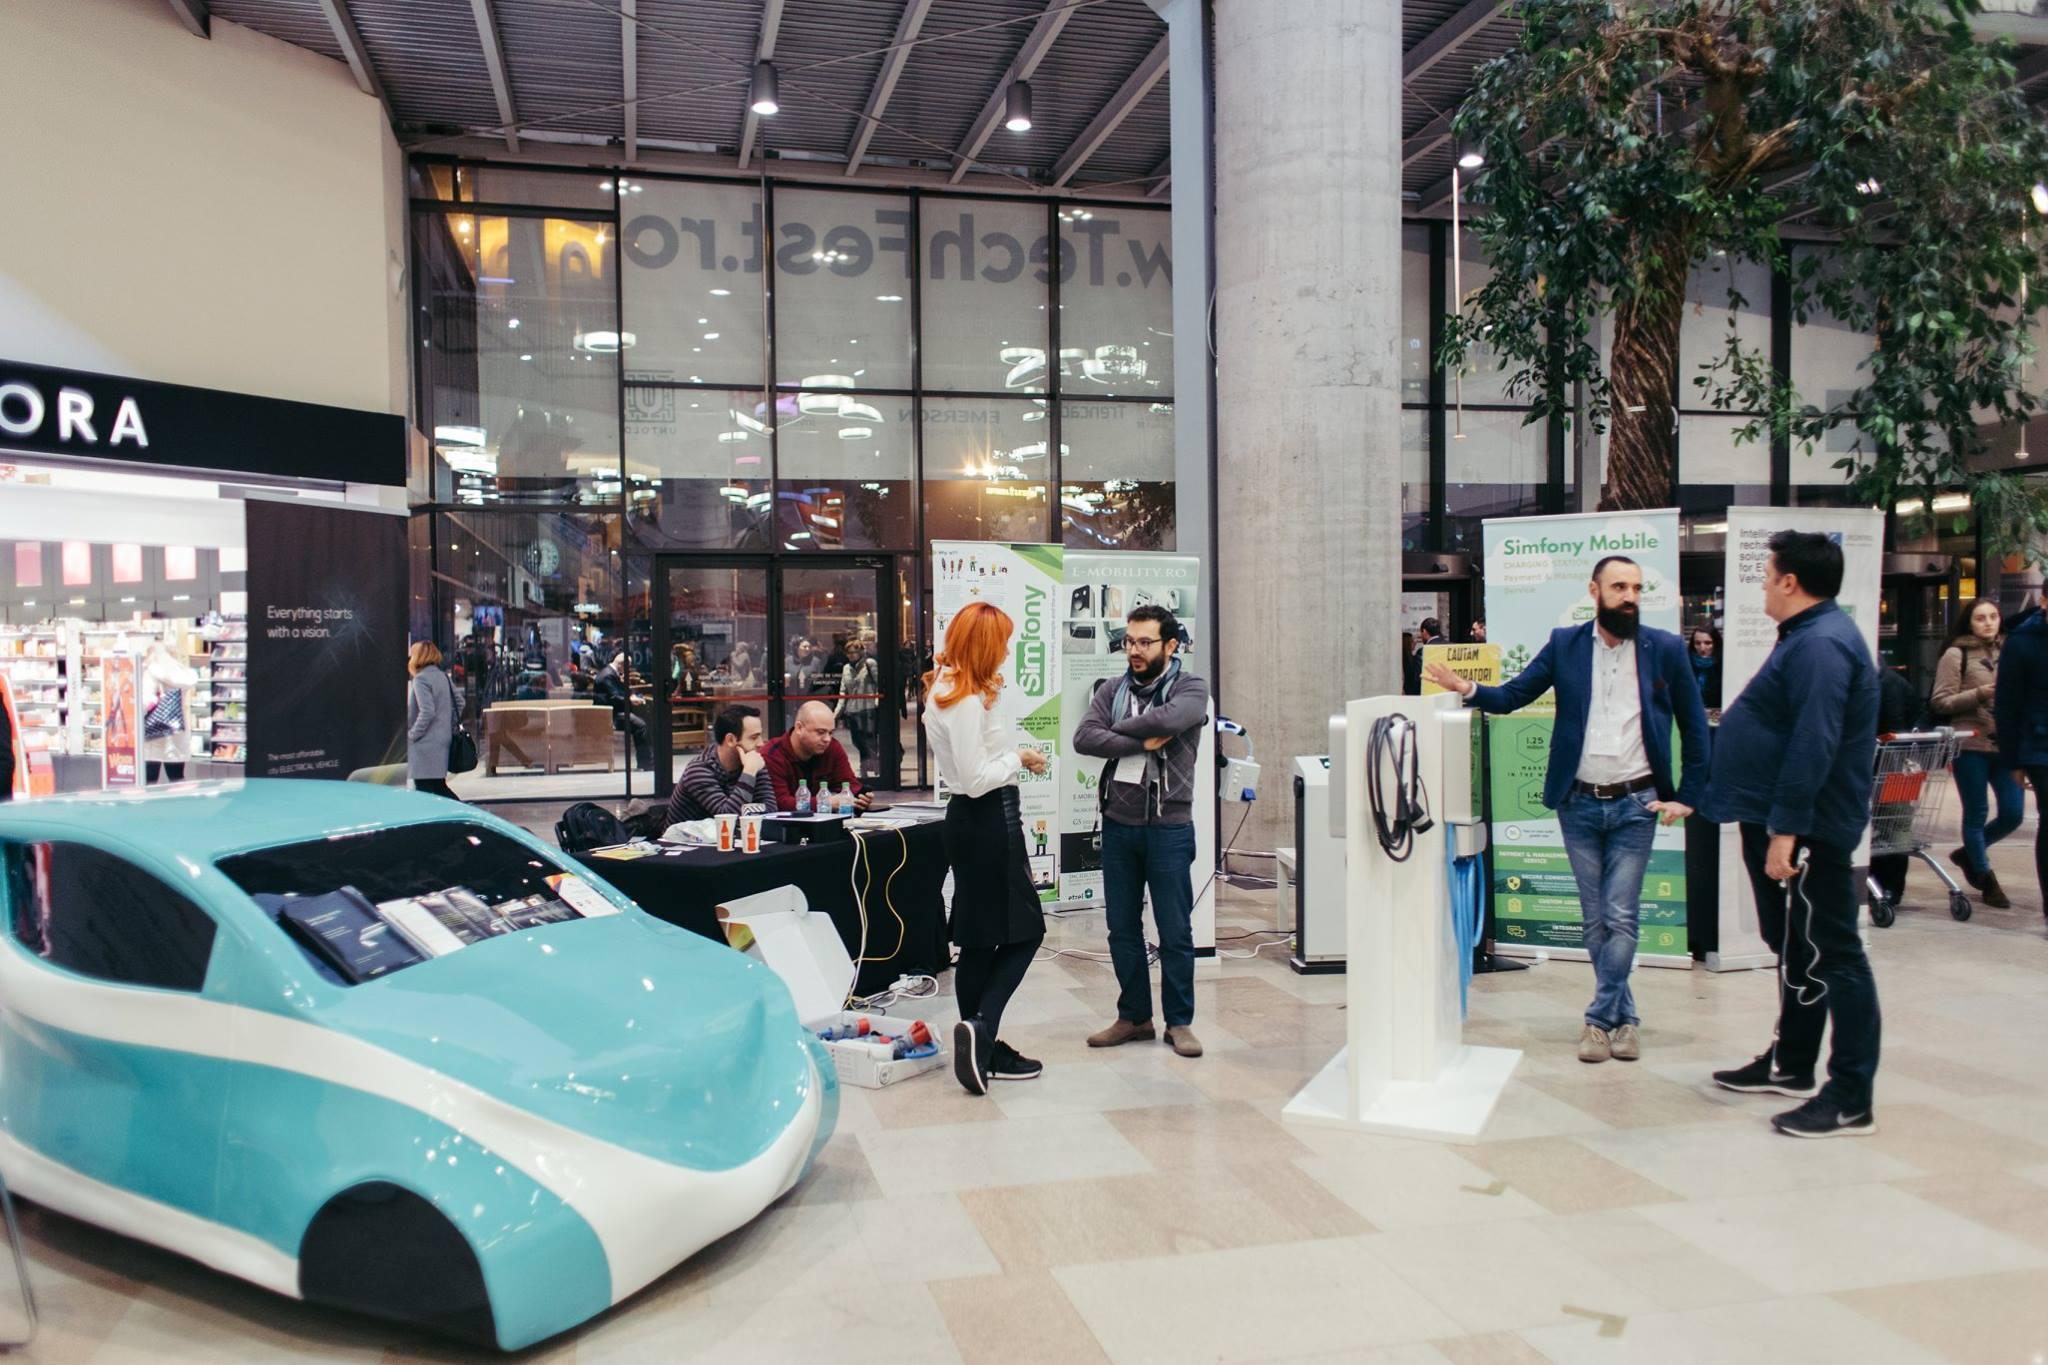 Începe Cluj Tech Fest 2017 – Activităţi variate pentru clujeni de toate vârstele în săptămâna dedicată tehnologiei la Cluj